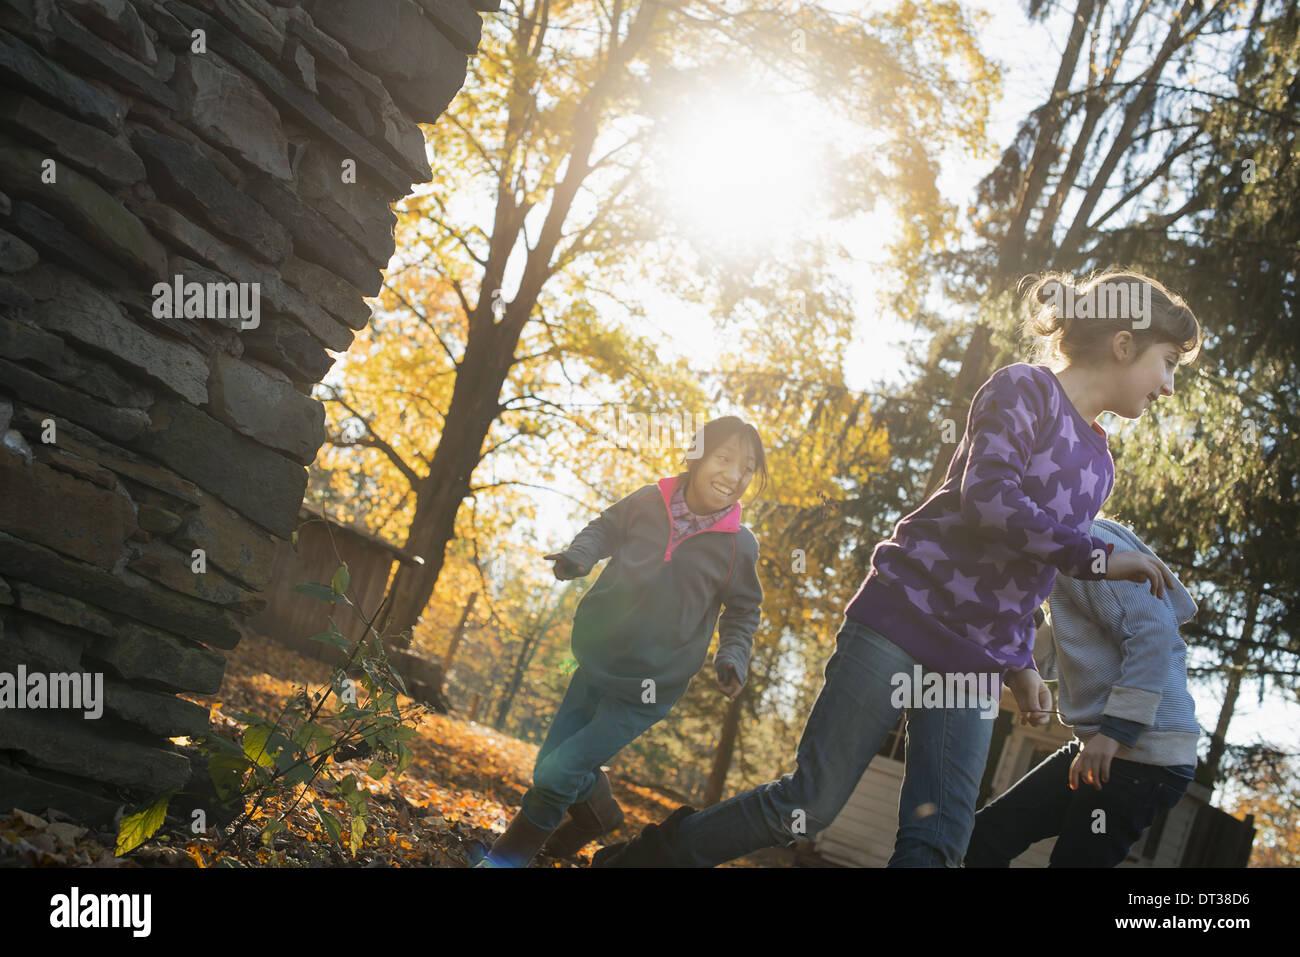 Drei Kinder in der Herbstsonne. Spielen im Freien die abgefallenen Blätter in die Luft werfen. Stockbild